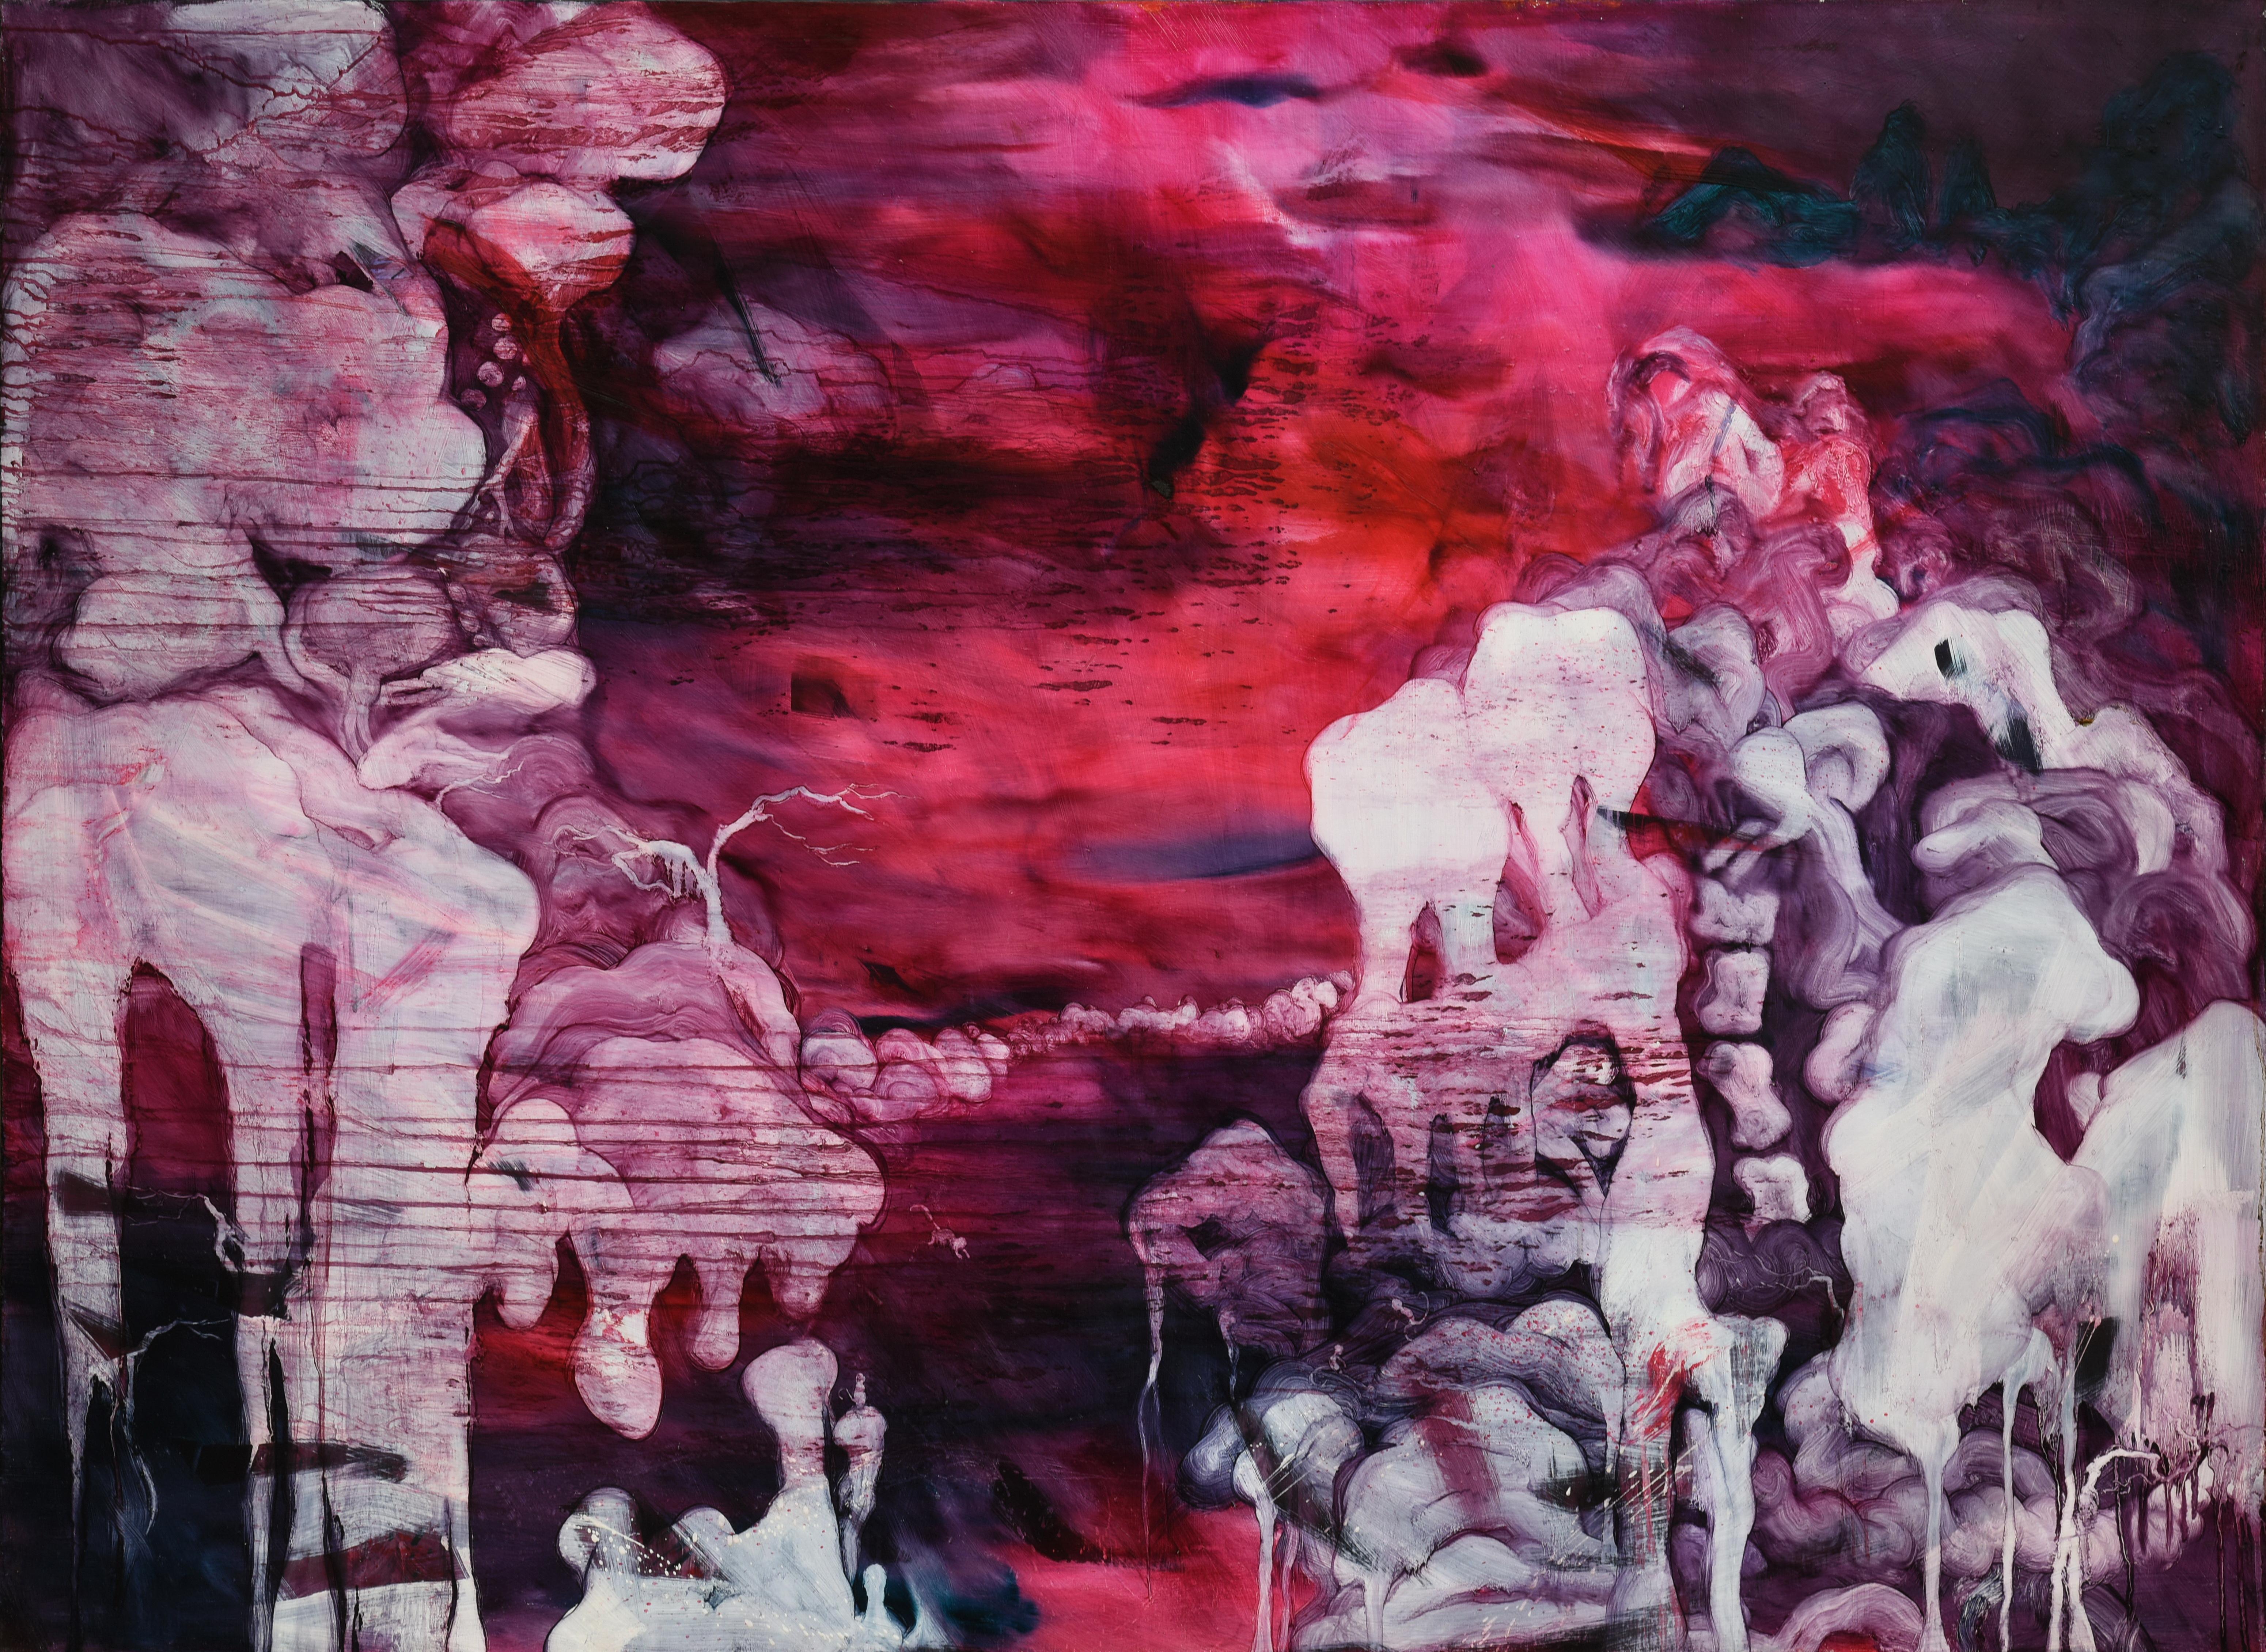 常陵 五花肉系列-肉山水-情山長在圖 2009 油彩 118x162cm